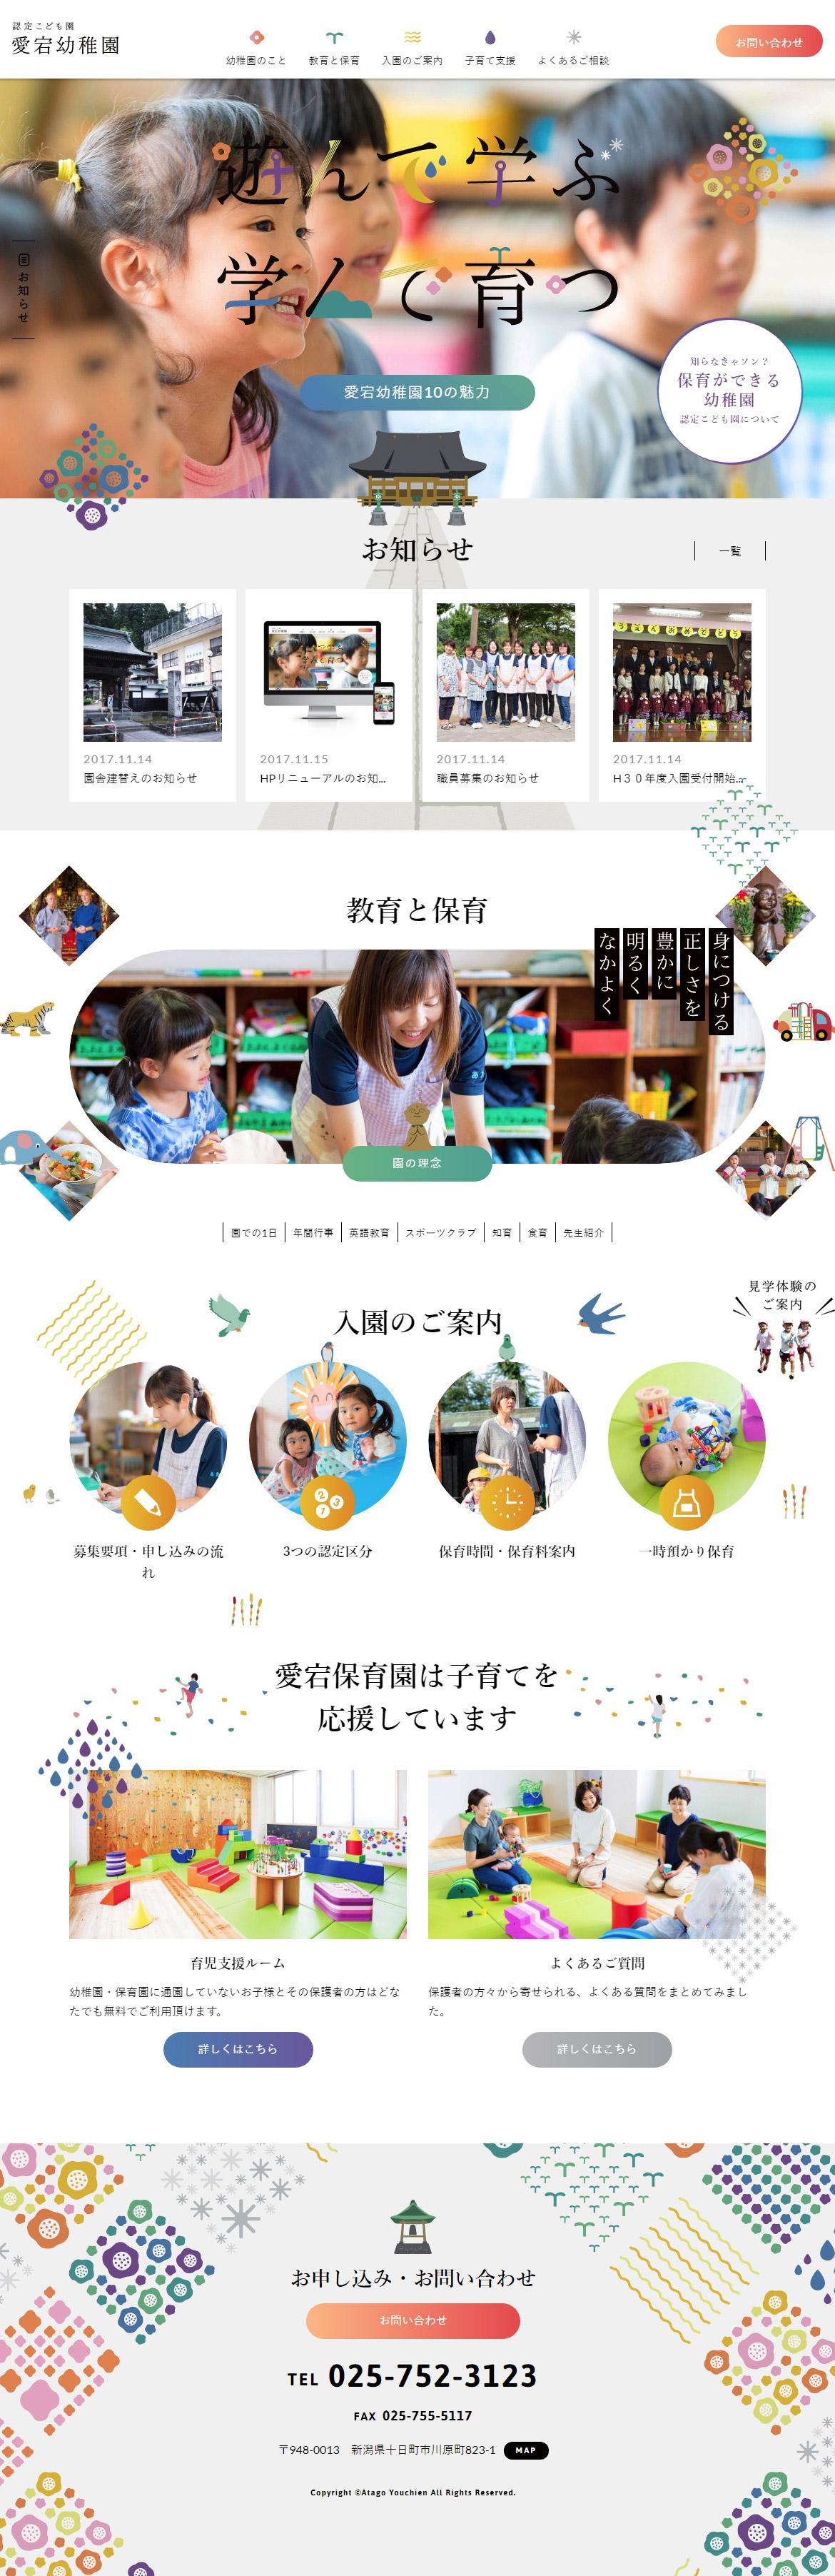 愛宕幼稚園